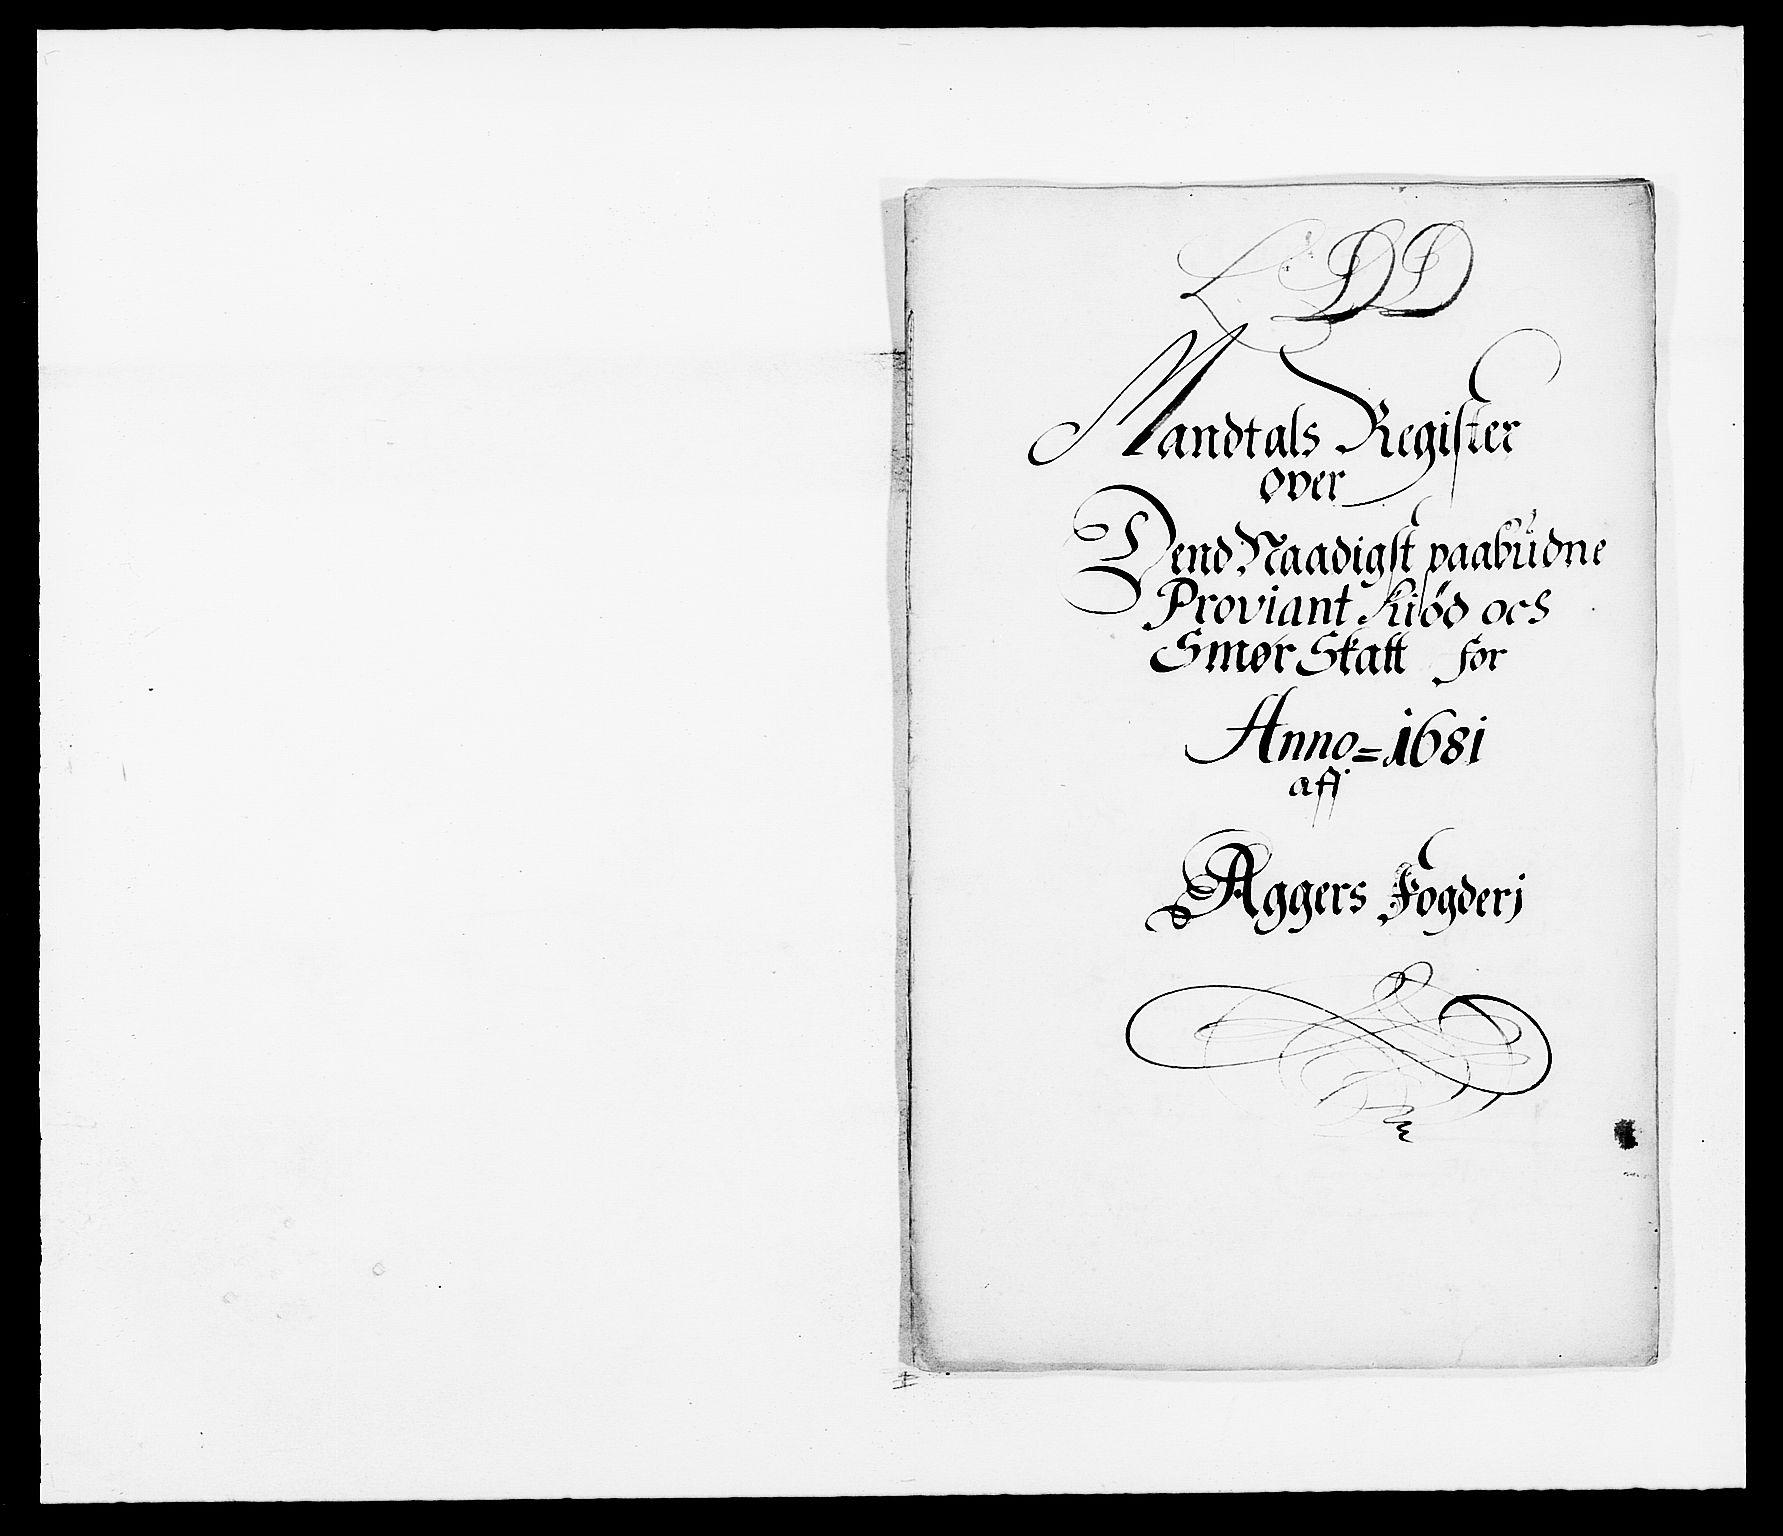 RA, Rentekammeret inntil 1814, Reviderte regnskaper, Fogderegnskap, R08/L0417: Fogderegnskap Aker, 1678-1681, s. 234